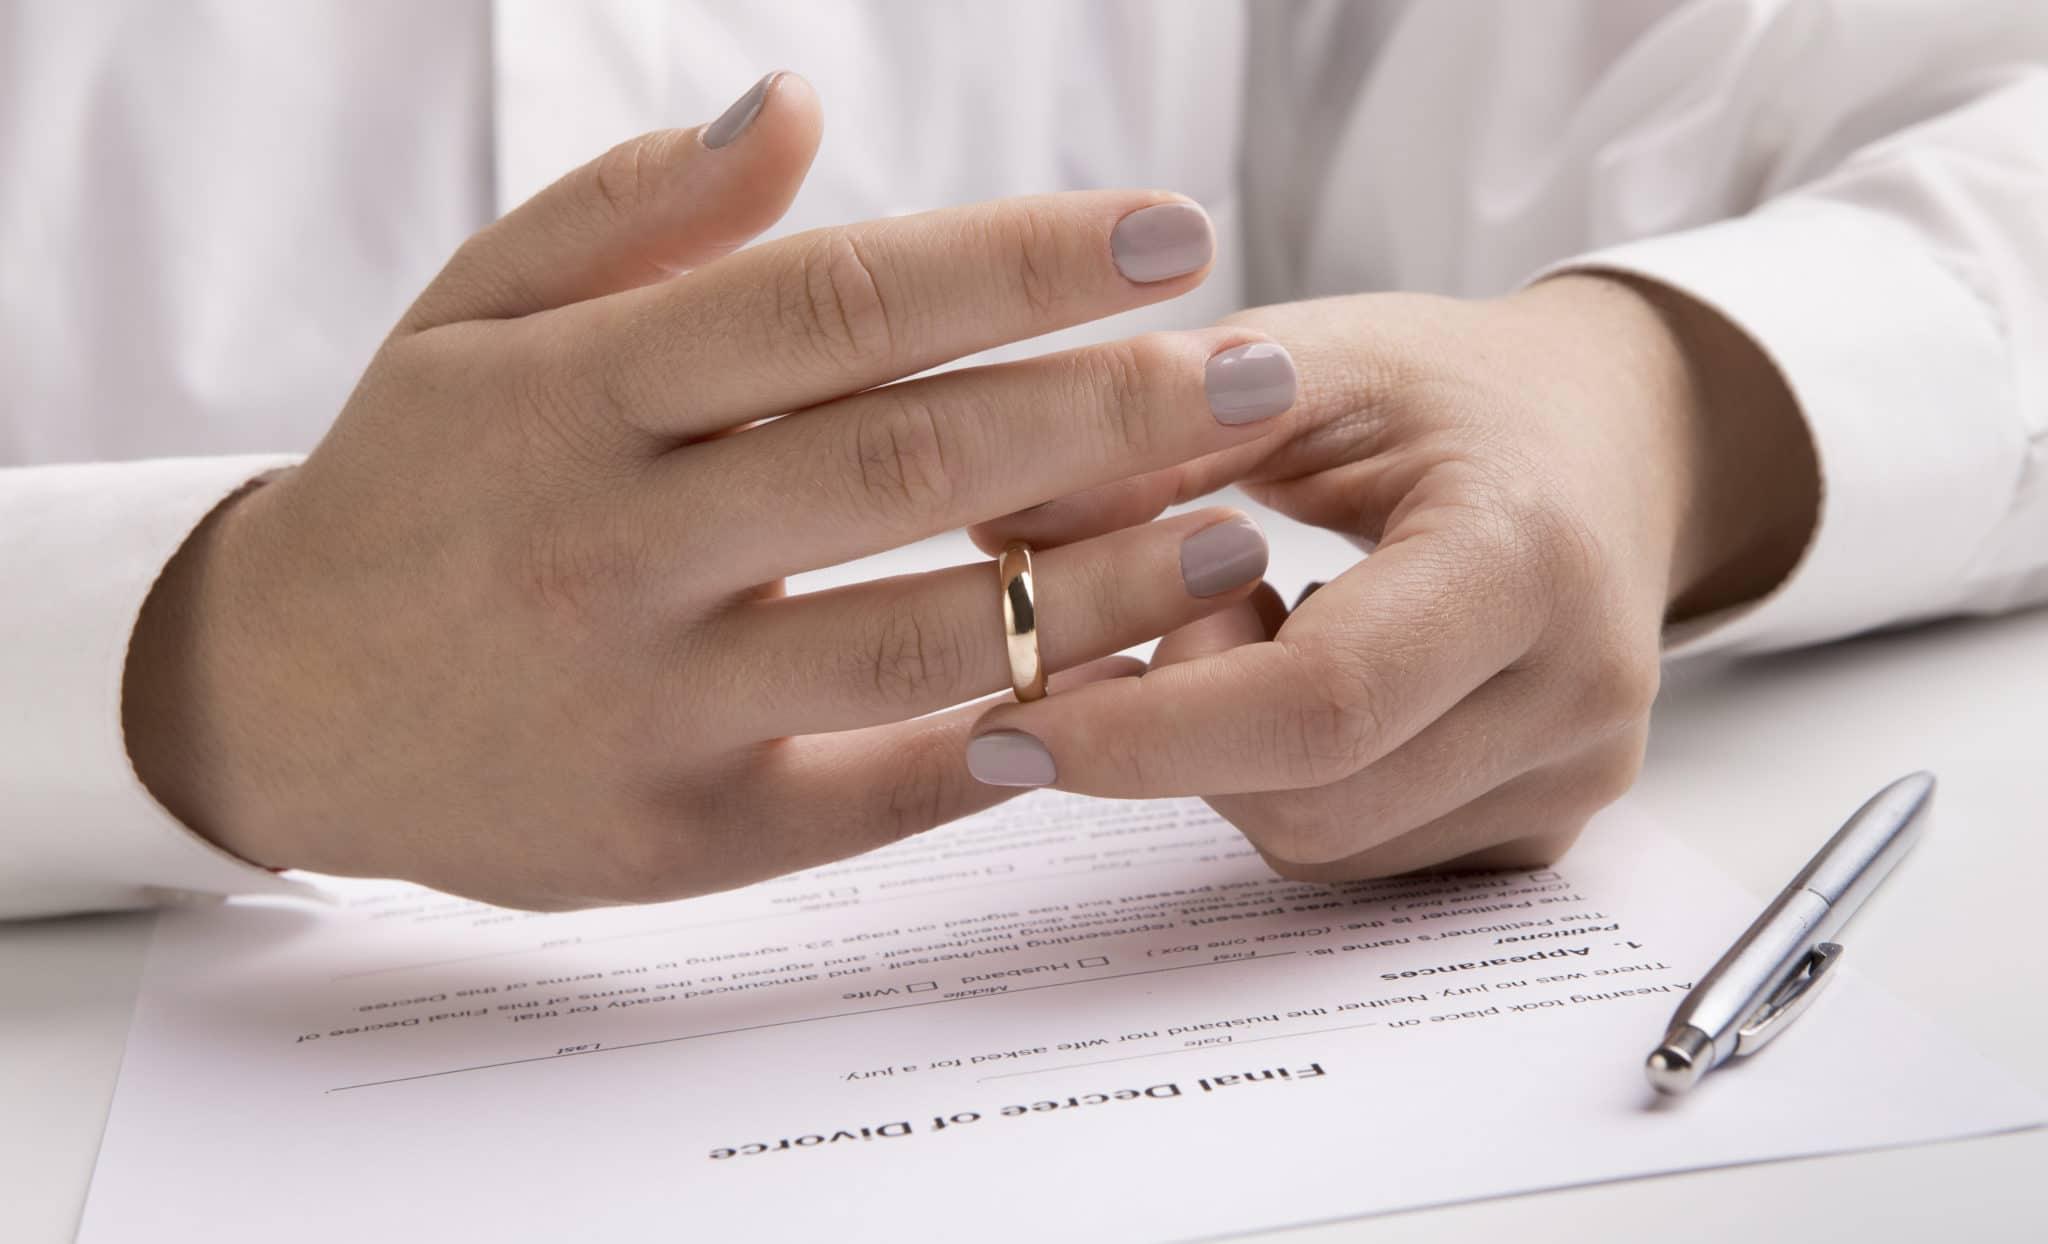 Les couples de lesbiennes sont encore beaucoup plus susceptibles que les hommes gais de divorcer, selon de nouvelles données.